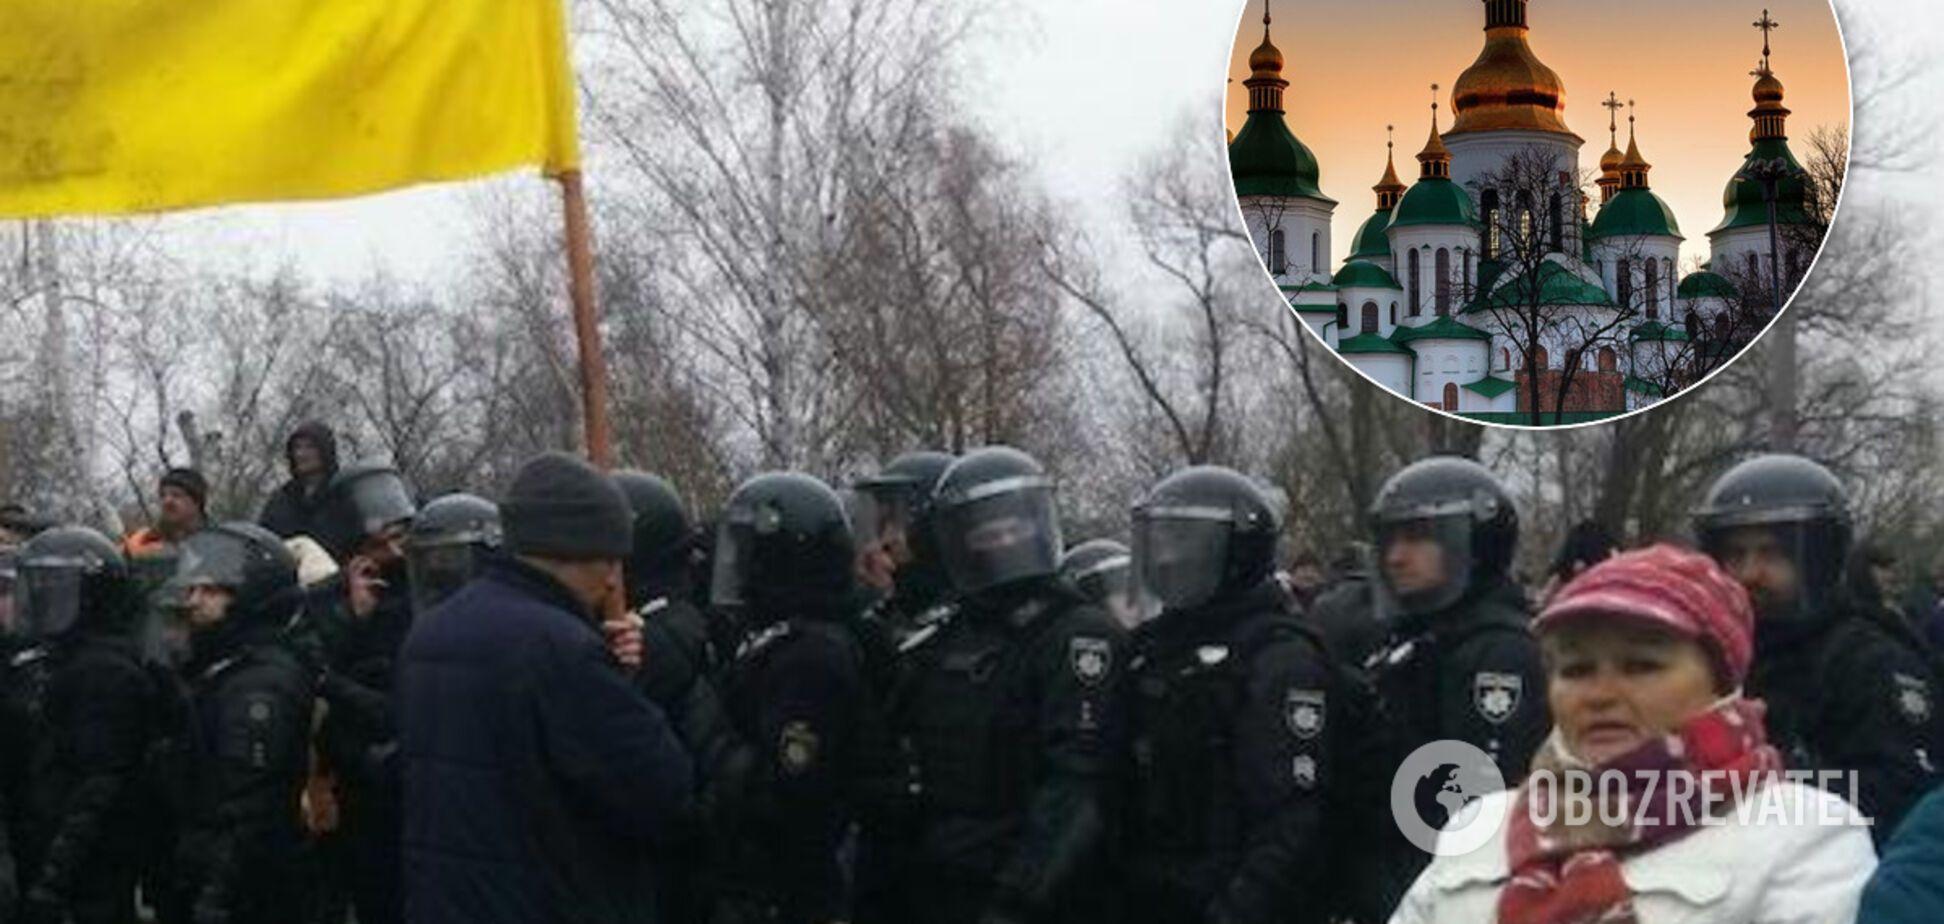 Істерика українців через евакуйованих із Китаю: у скандал 'втрутилася' ПЦУ